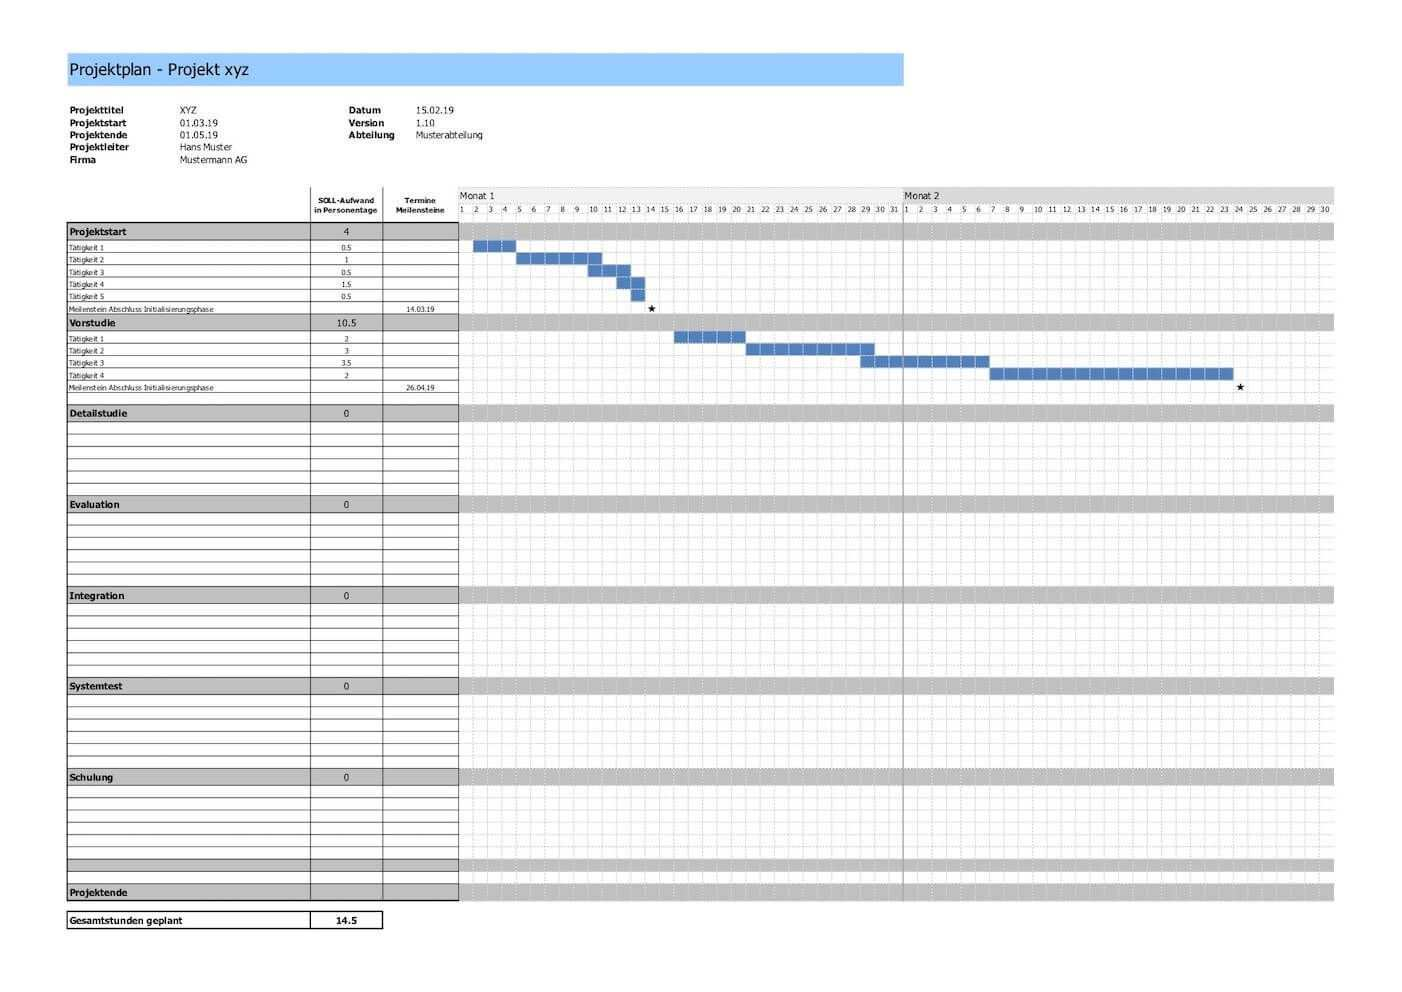 Projektplan Vorlage Im Excel Format In 2020 Projektplan Vorlage Planer Vorlagen